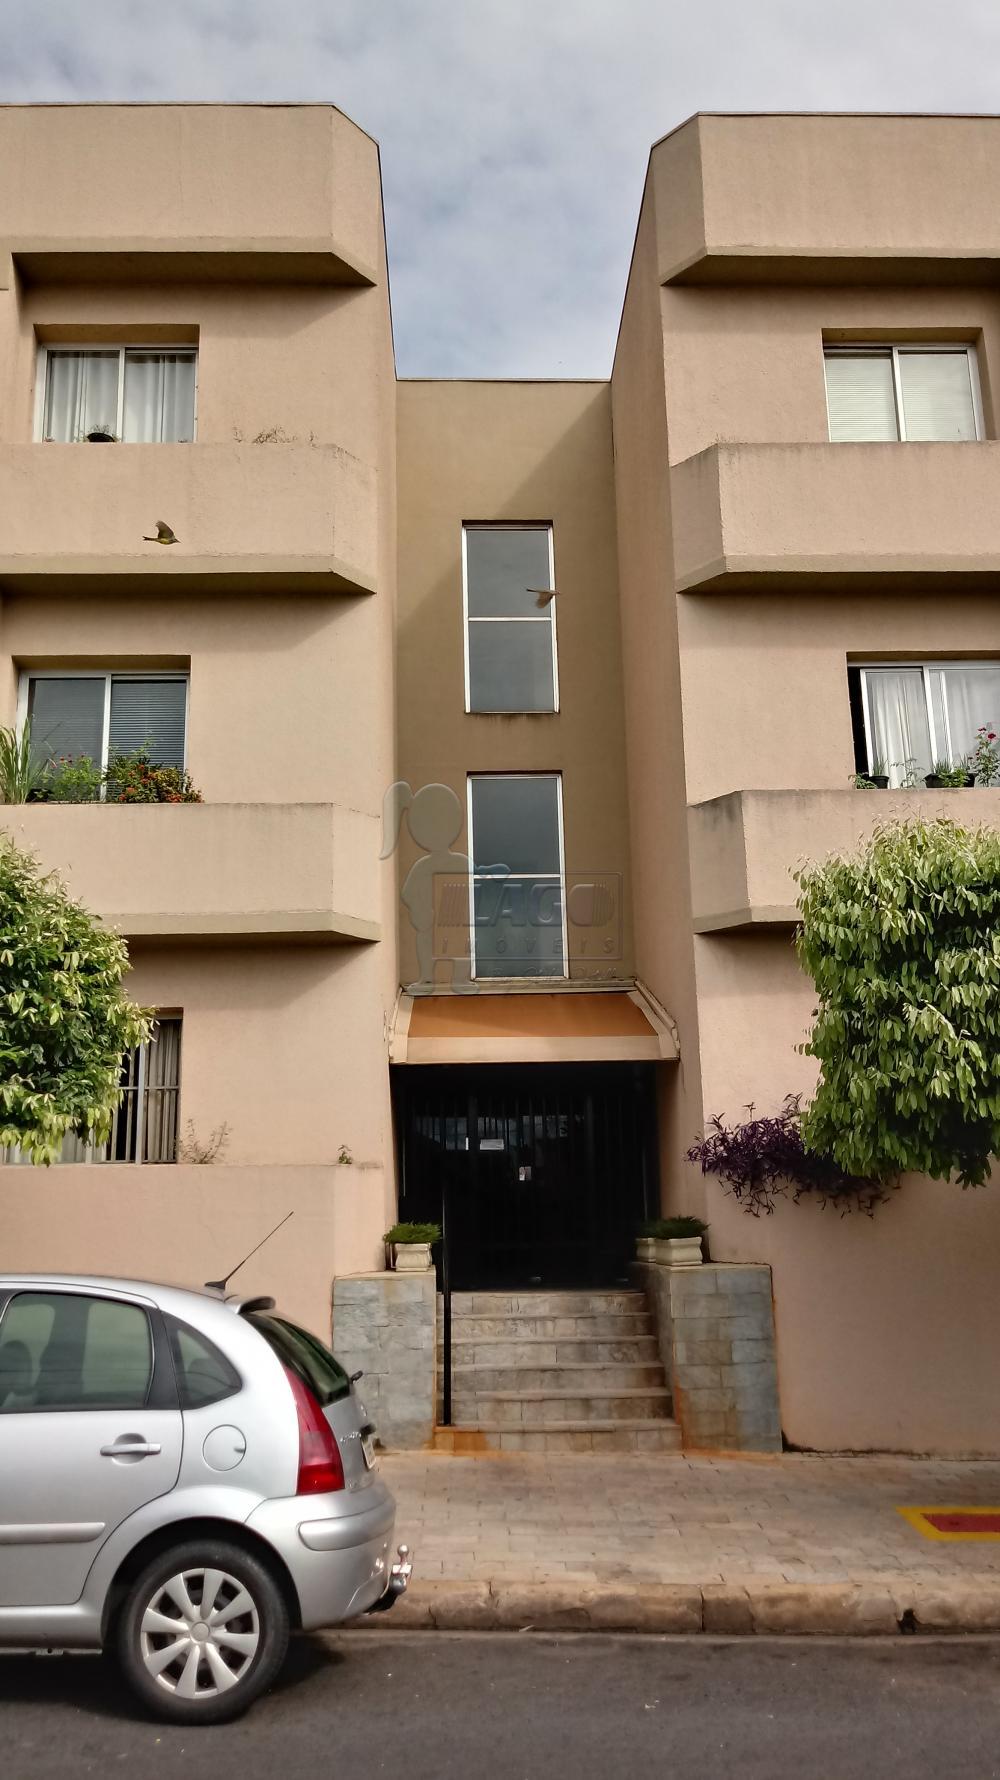 Comprar Apartamento / Padrão em Ribeirão Preto apenas R$ 230.000,00 - Foto 1